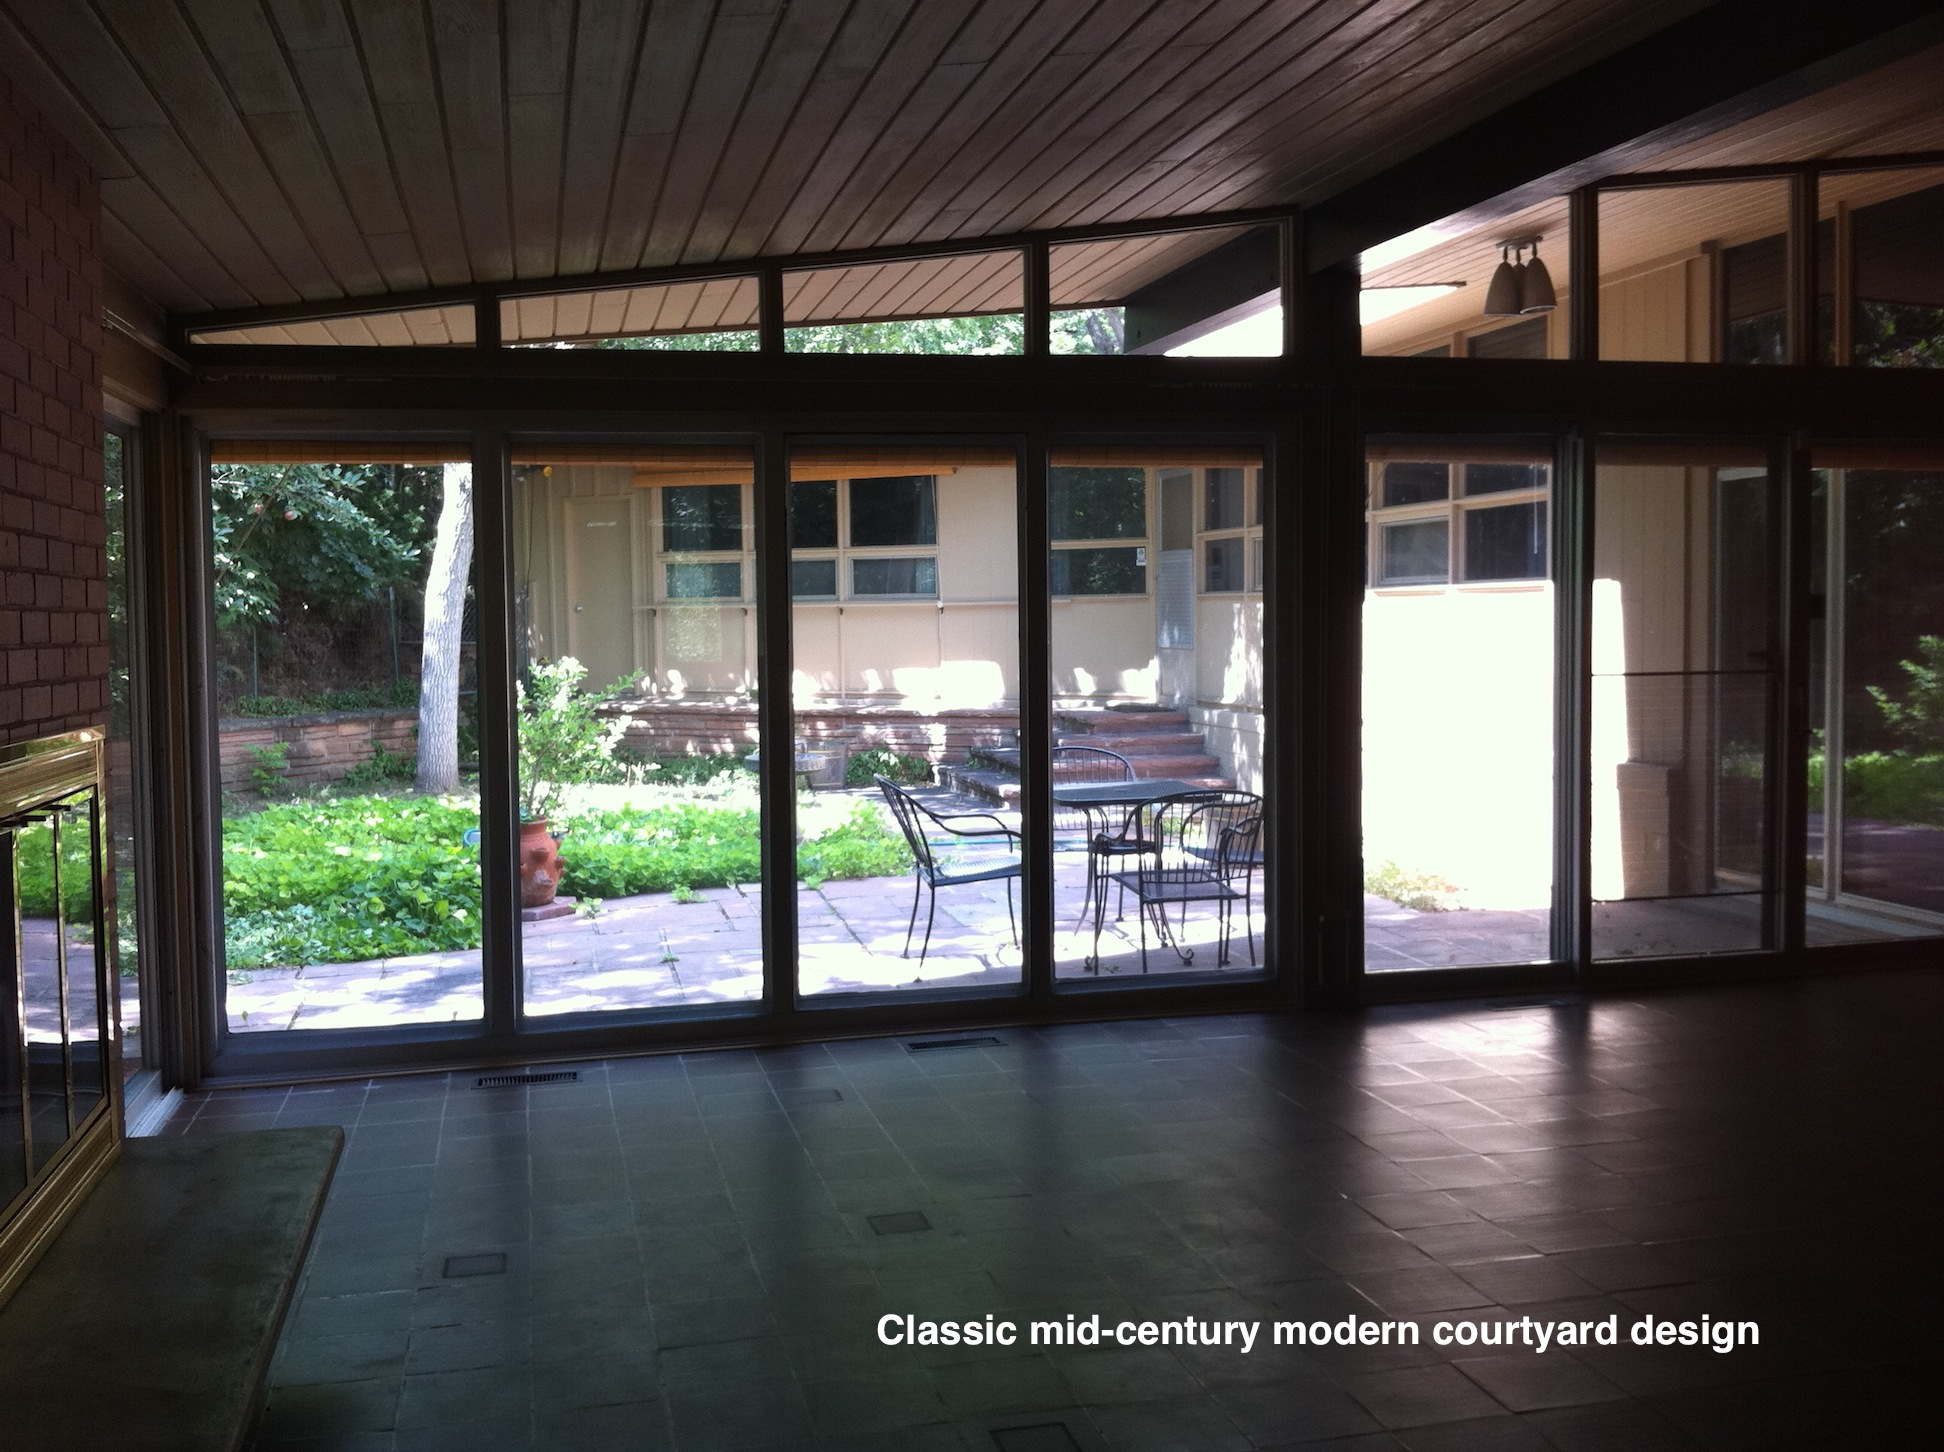 14841619-courtyard.jpg